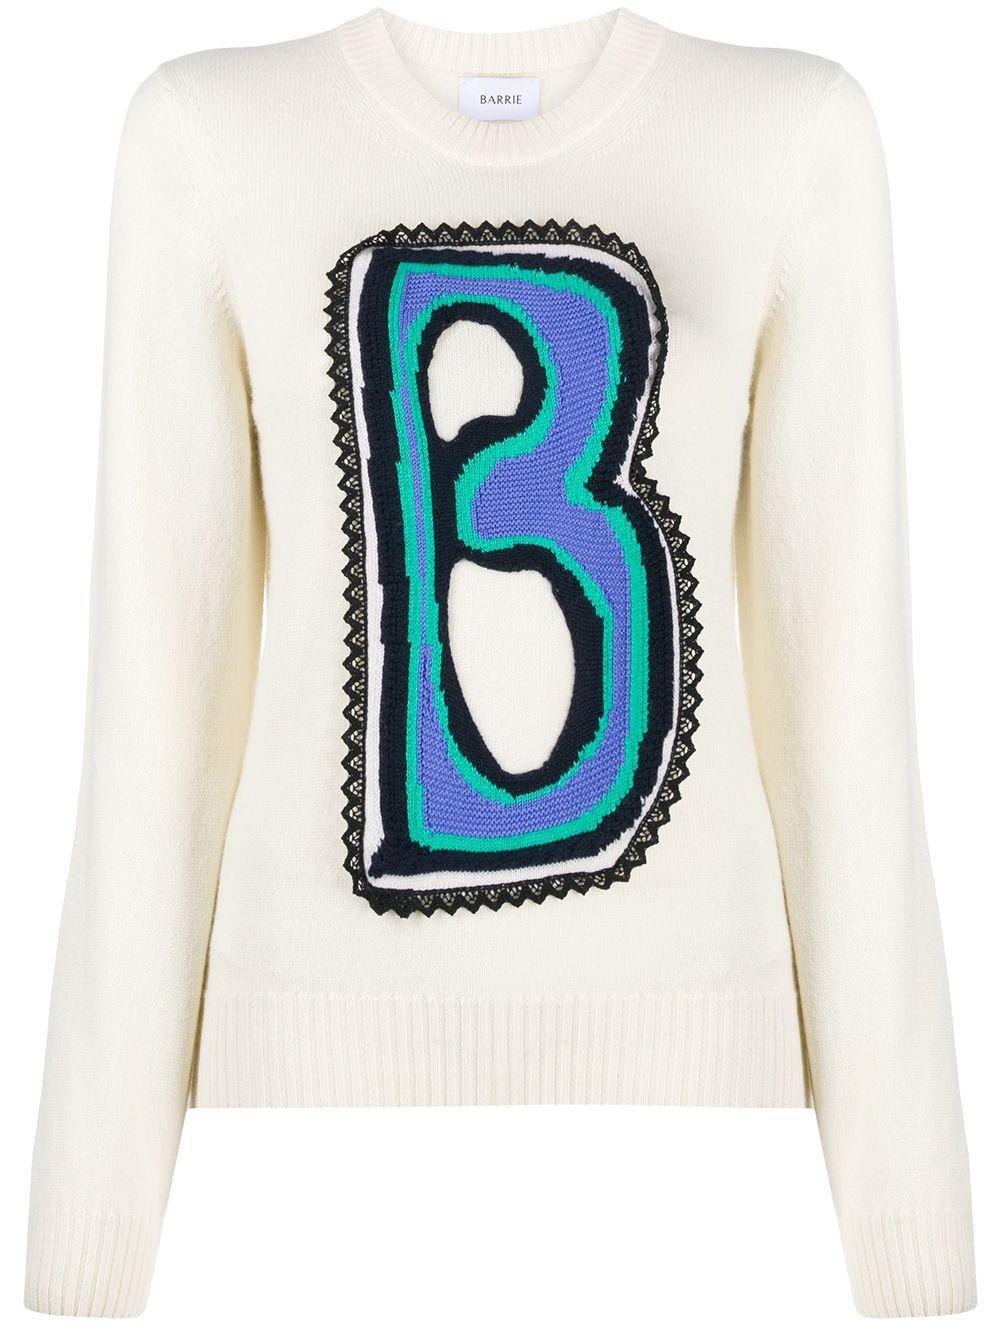 Barrie 'Classic B' Kaschmirpullover - Weiß